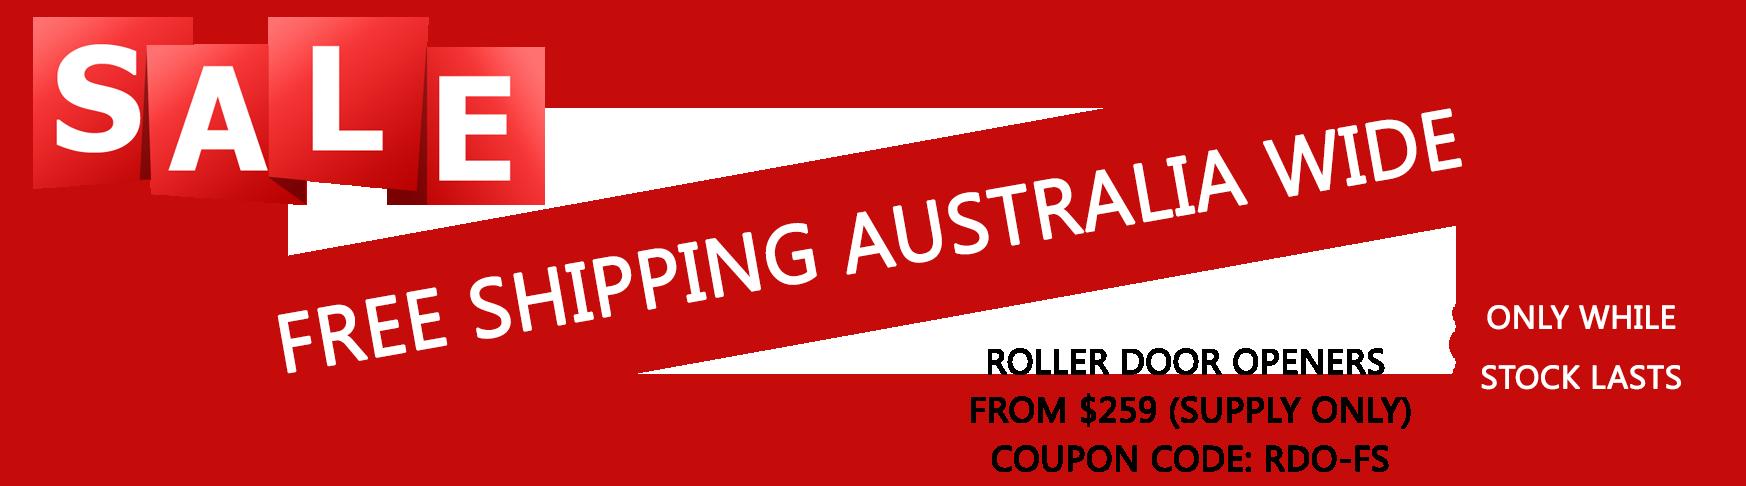 Roller Door Openers Melbourne Best Price Roller Door Motors